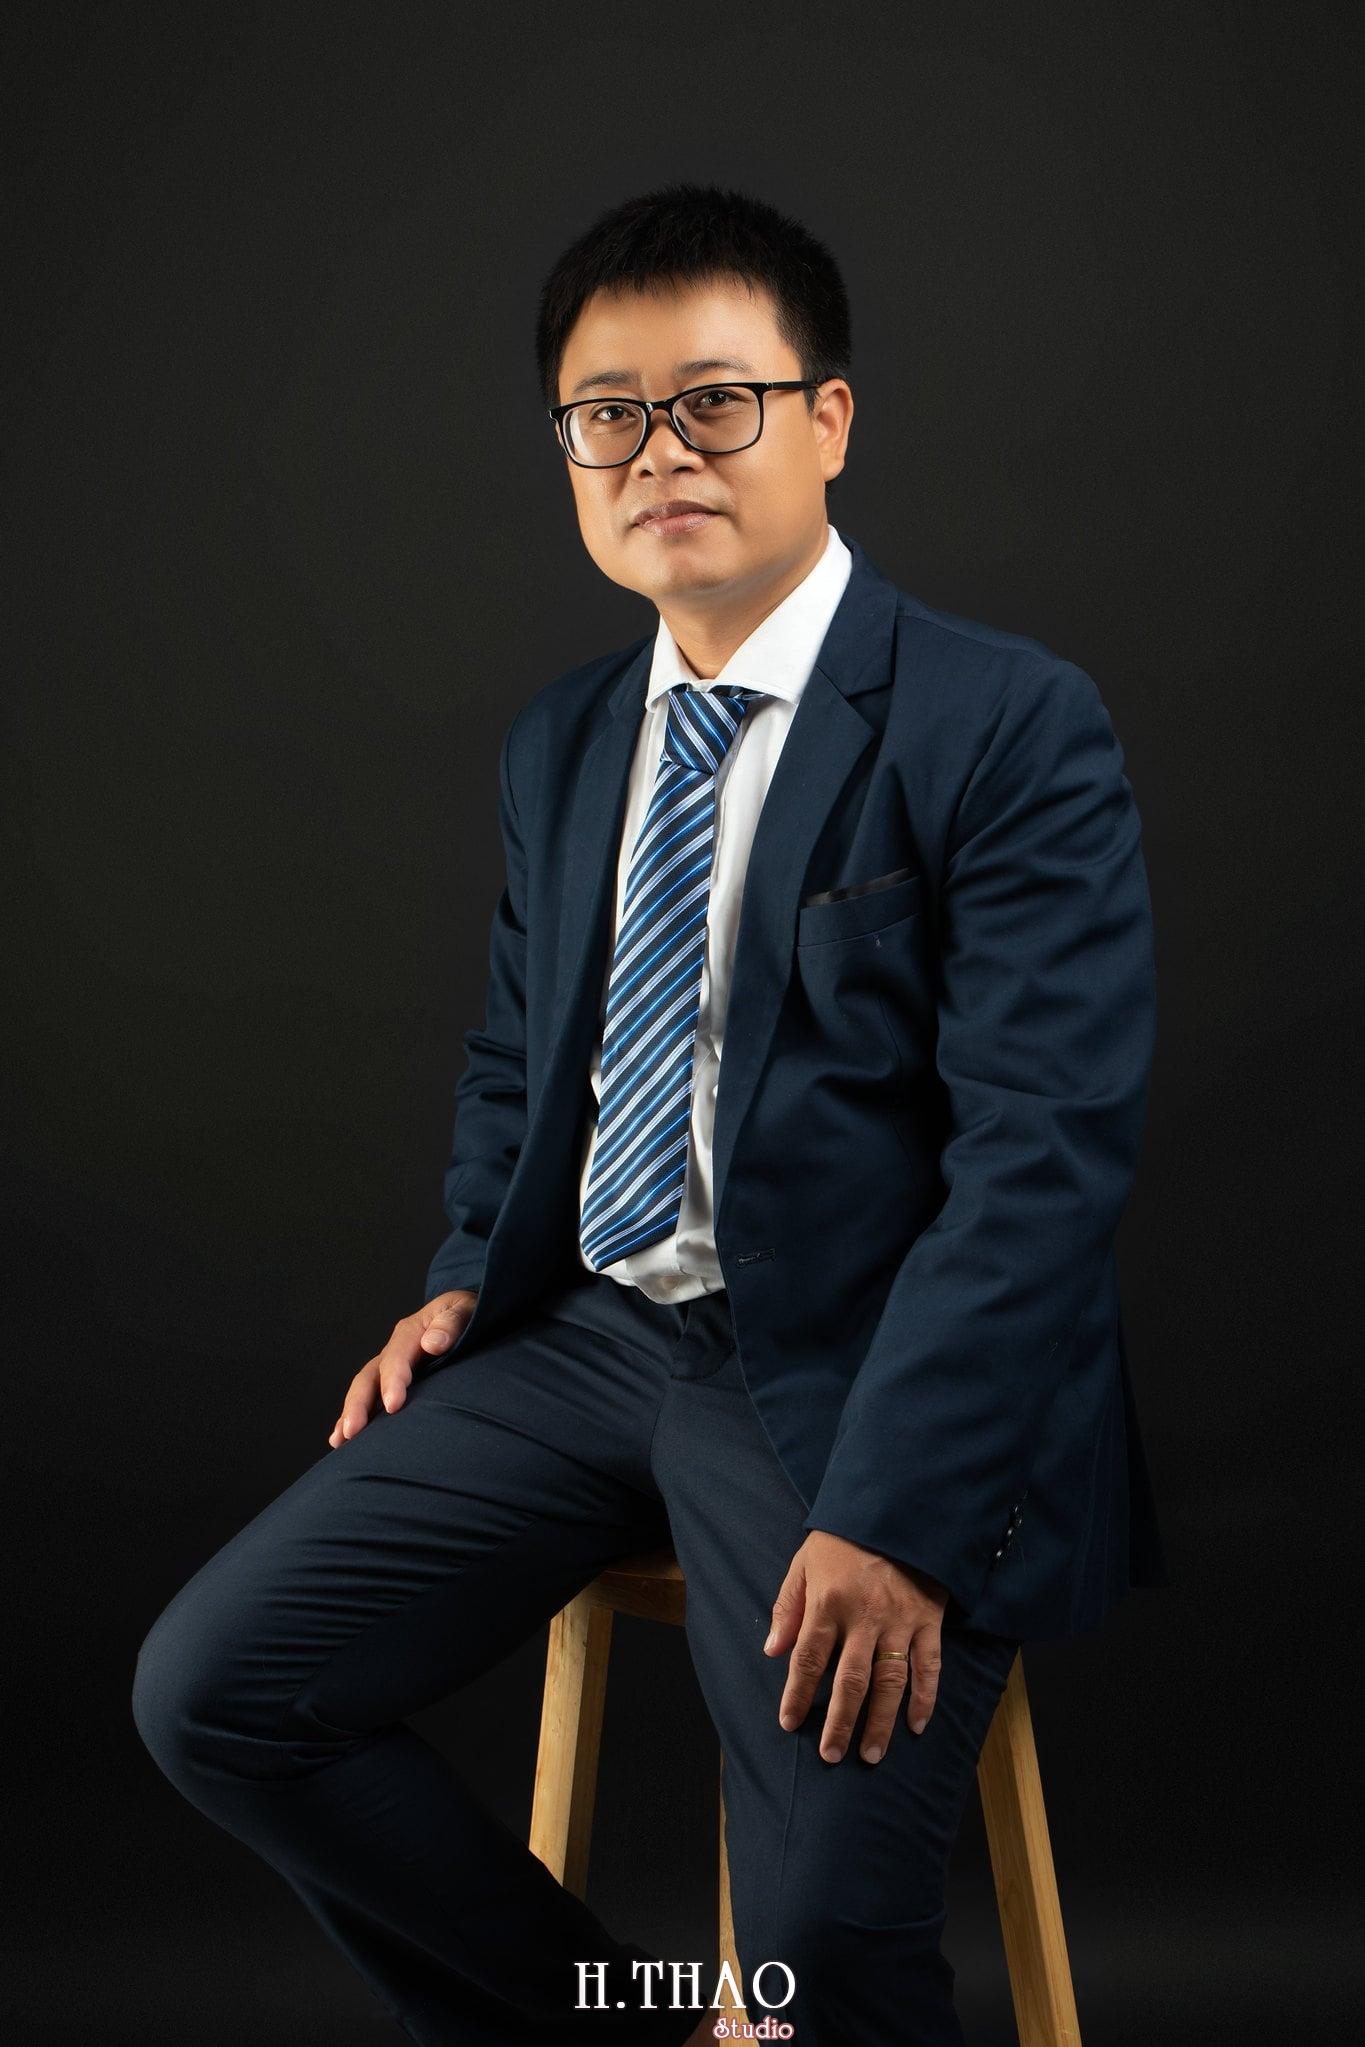 Anh Hoang 8 min - Album ảnh giám đốc Hoàng VIB lịch lãm - HThao Studio